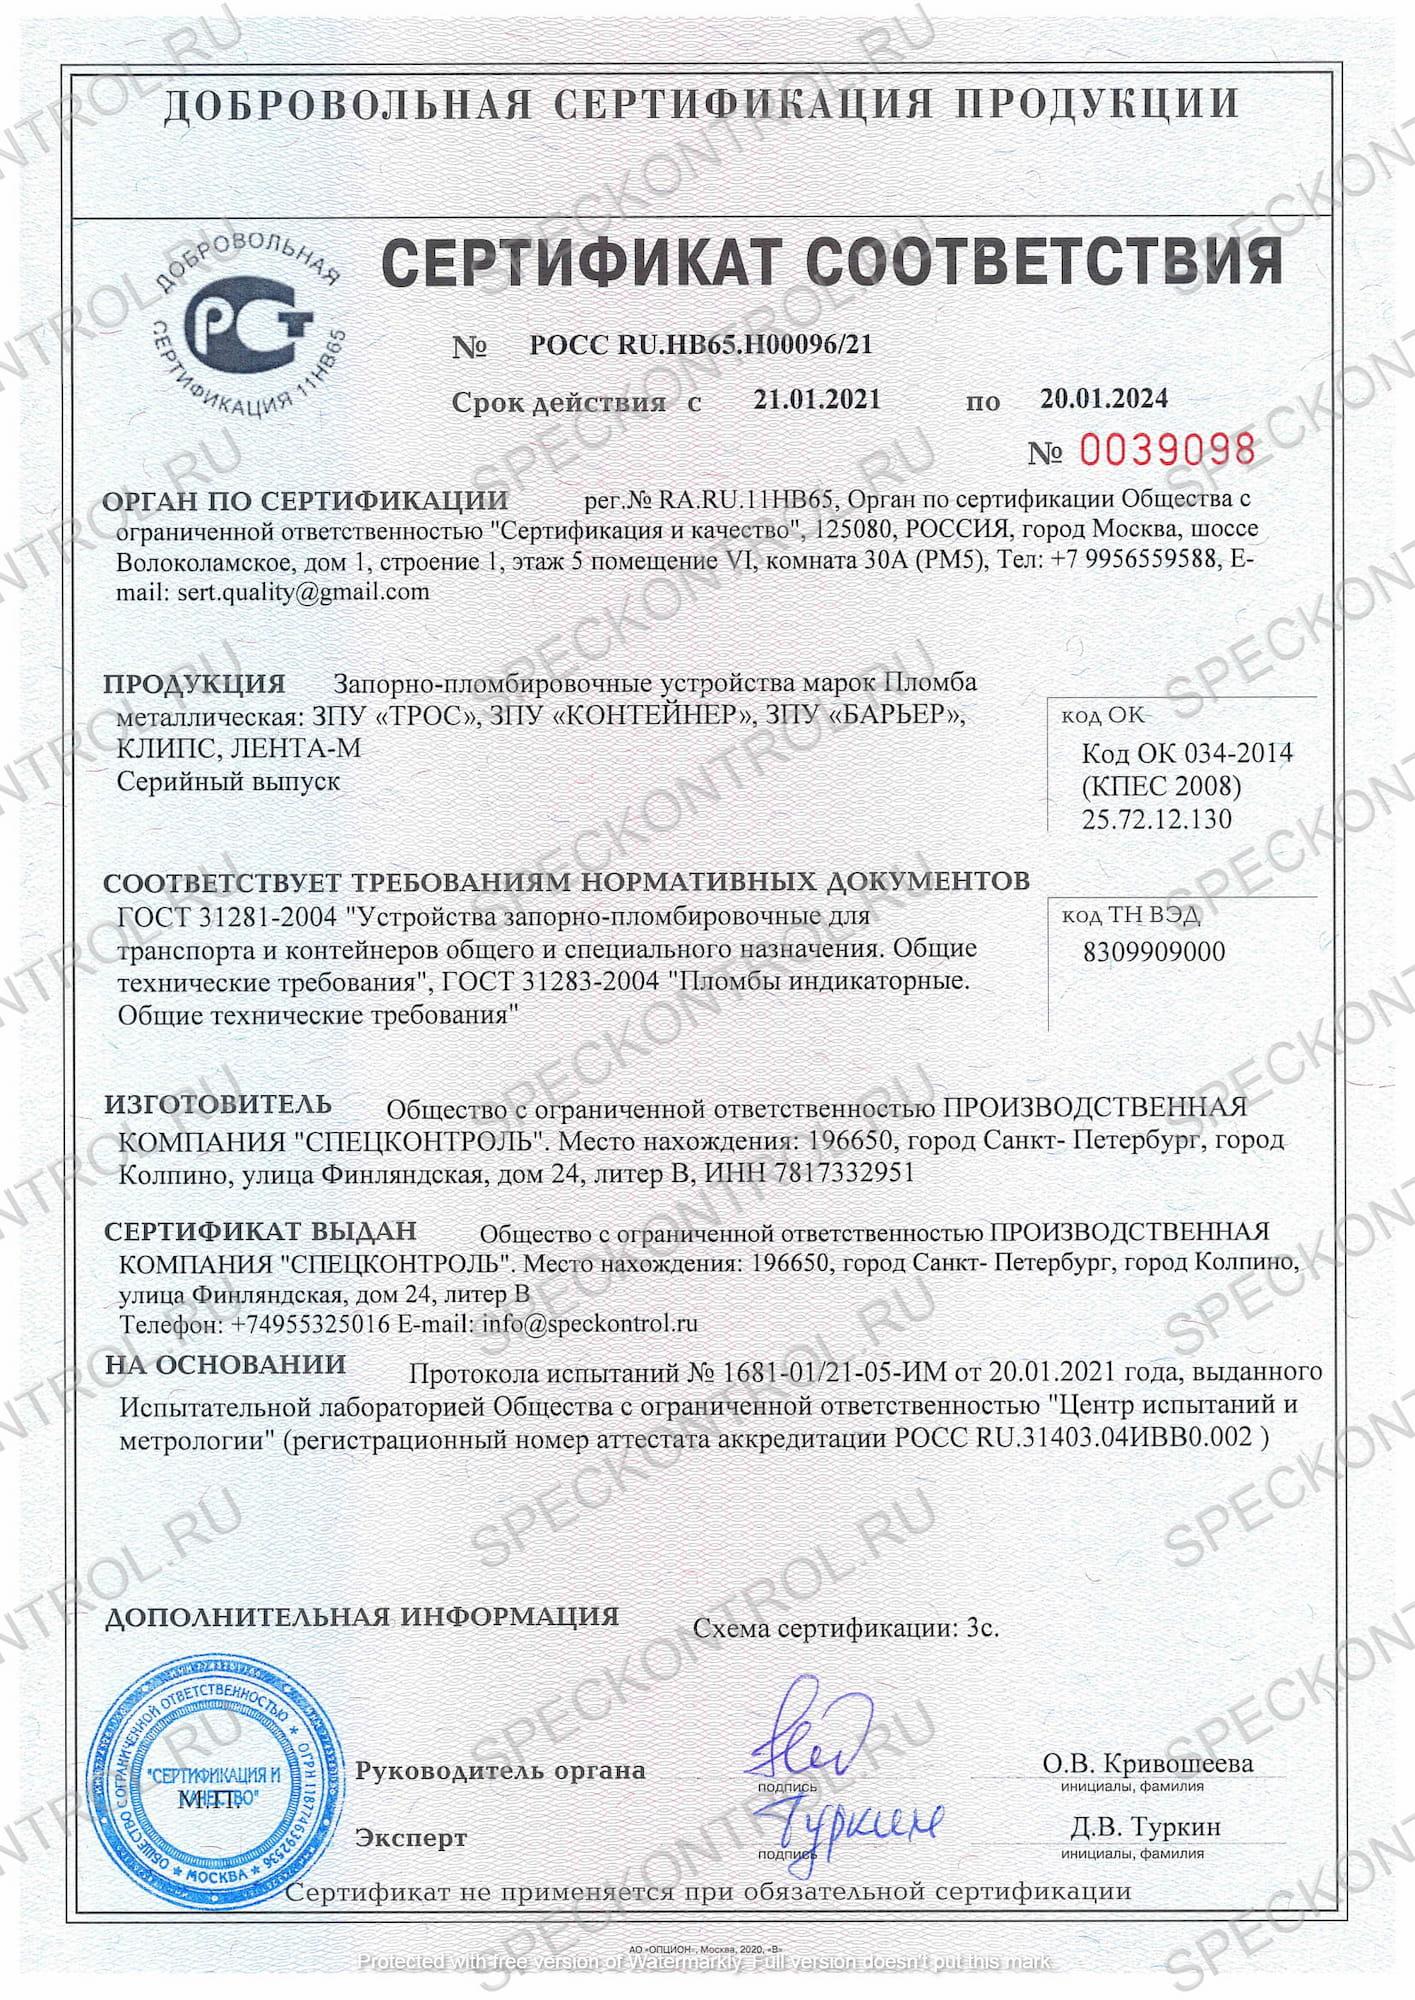 Сертификат соответствия добровольной сертификации продукции